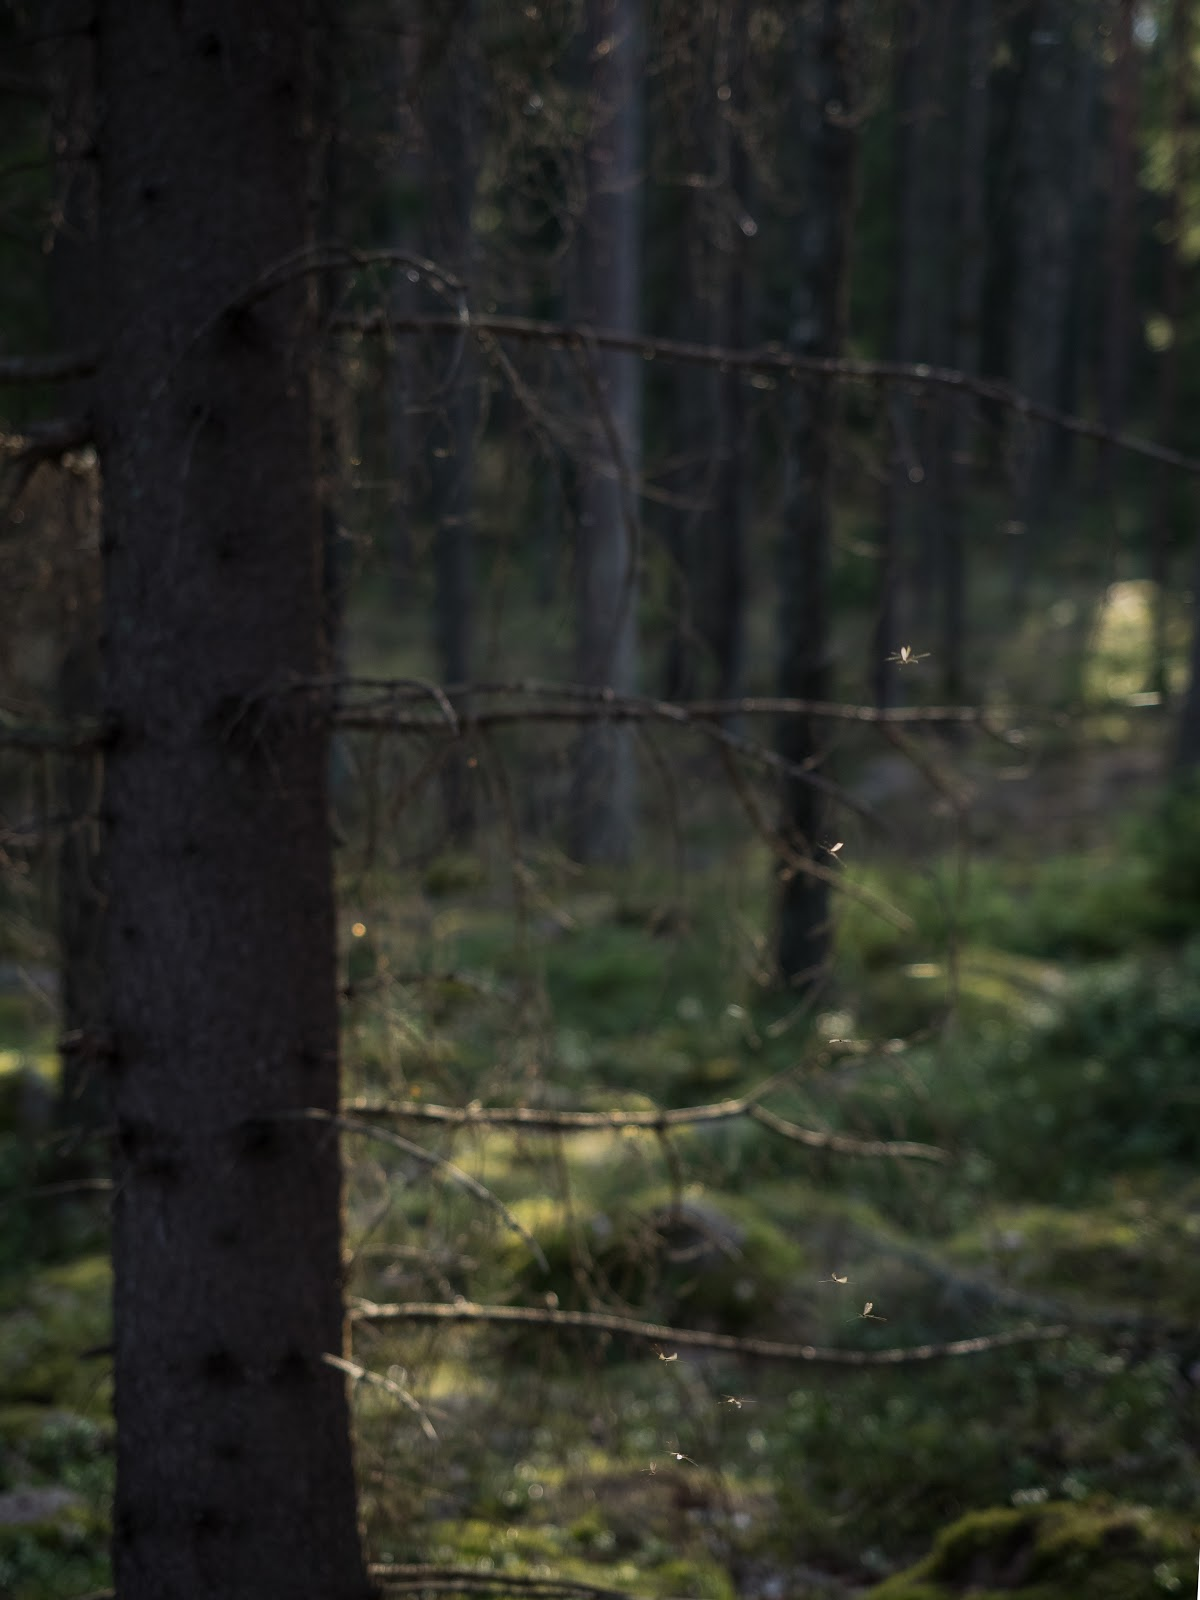 Luontokuva hyttynen Emäsalo Porvoo